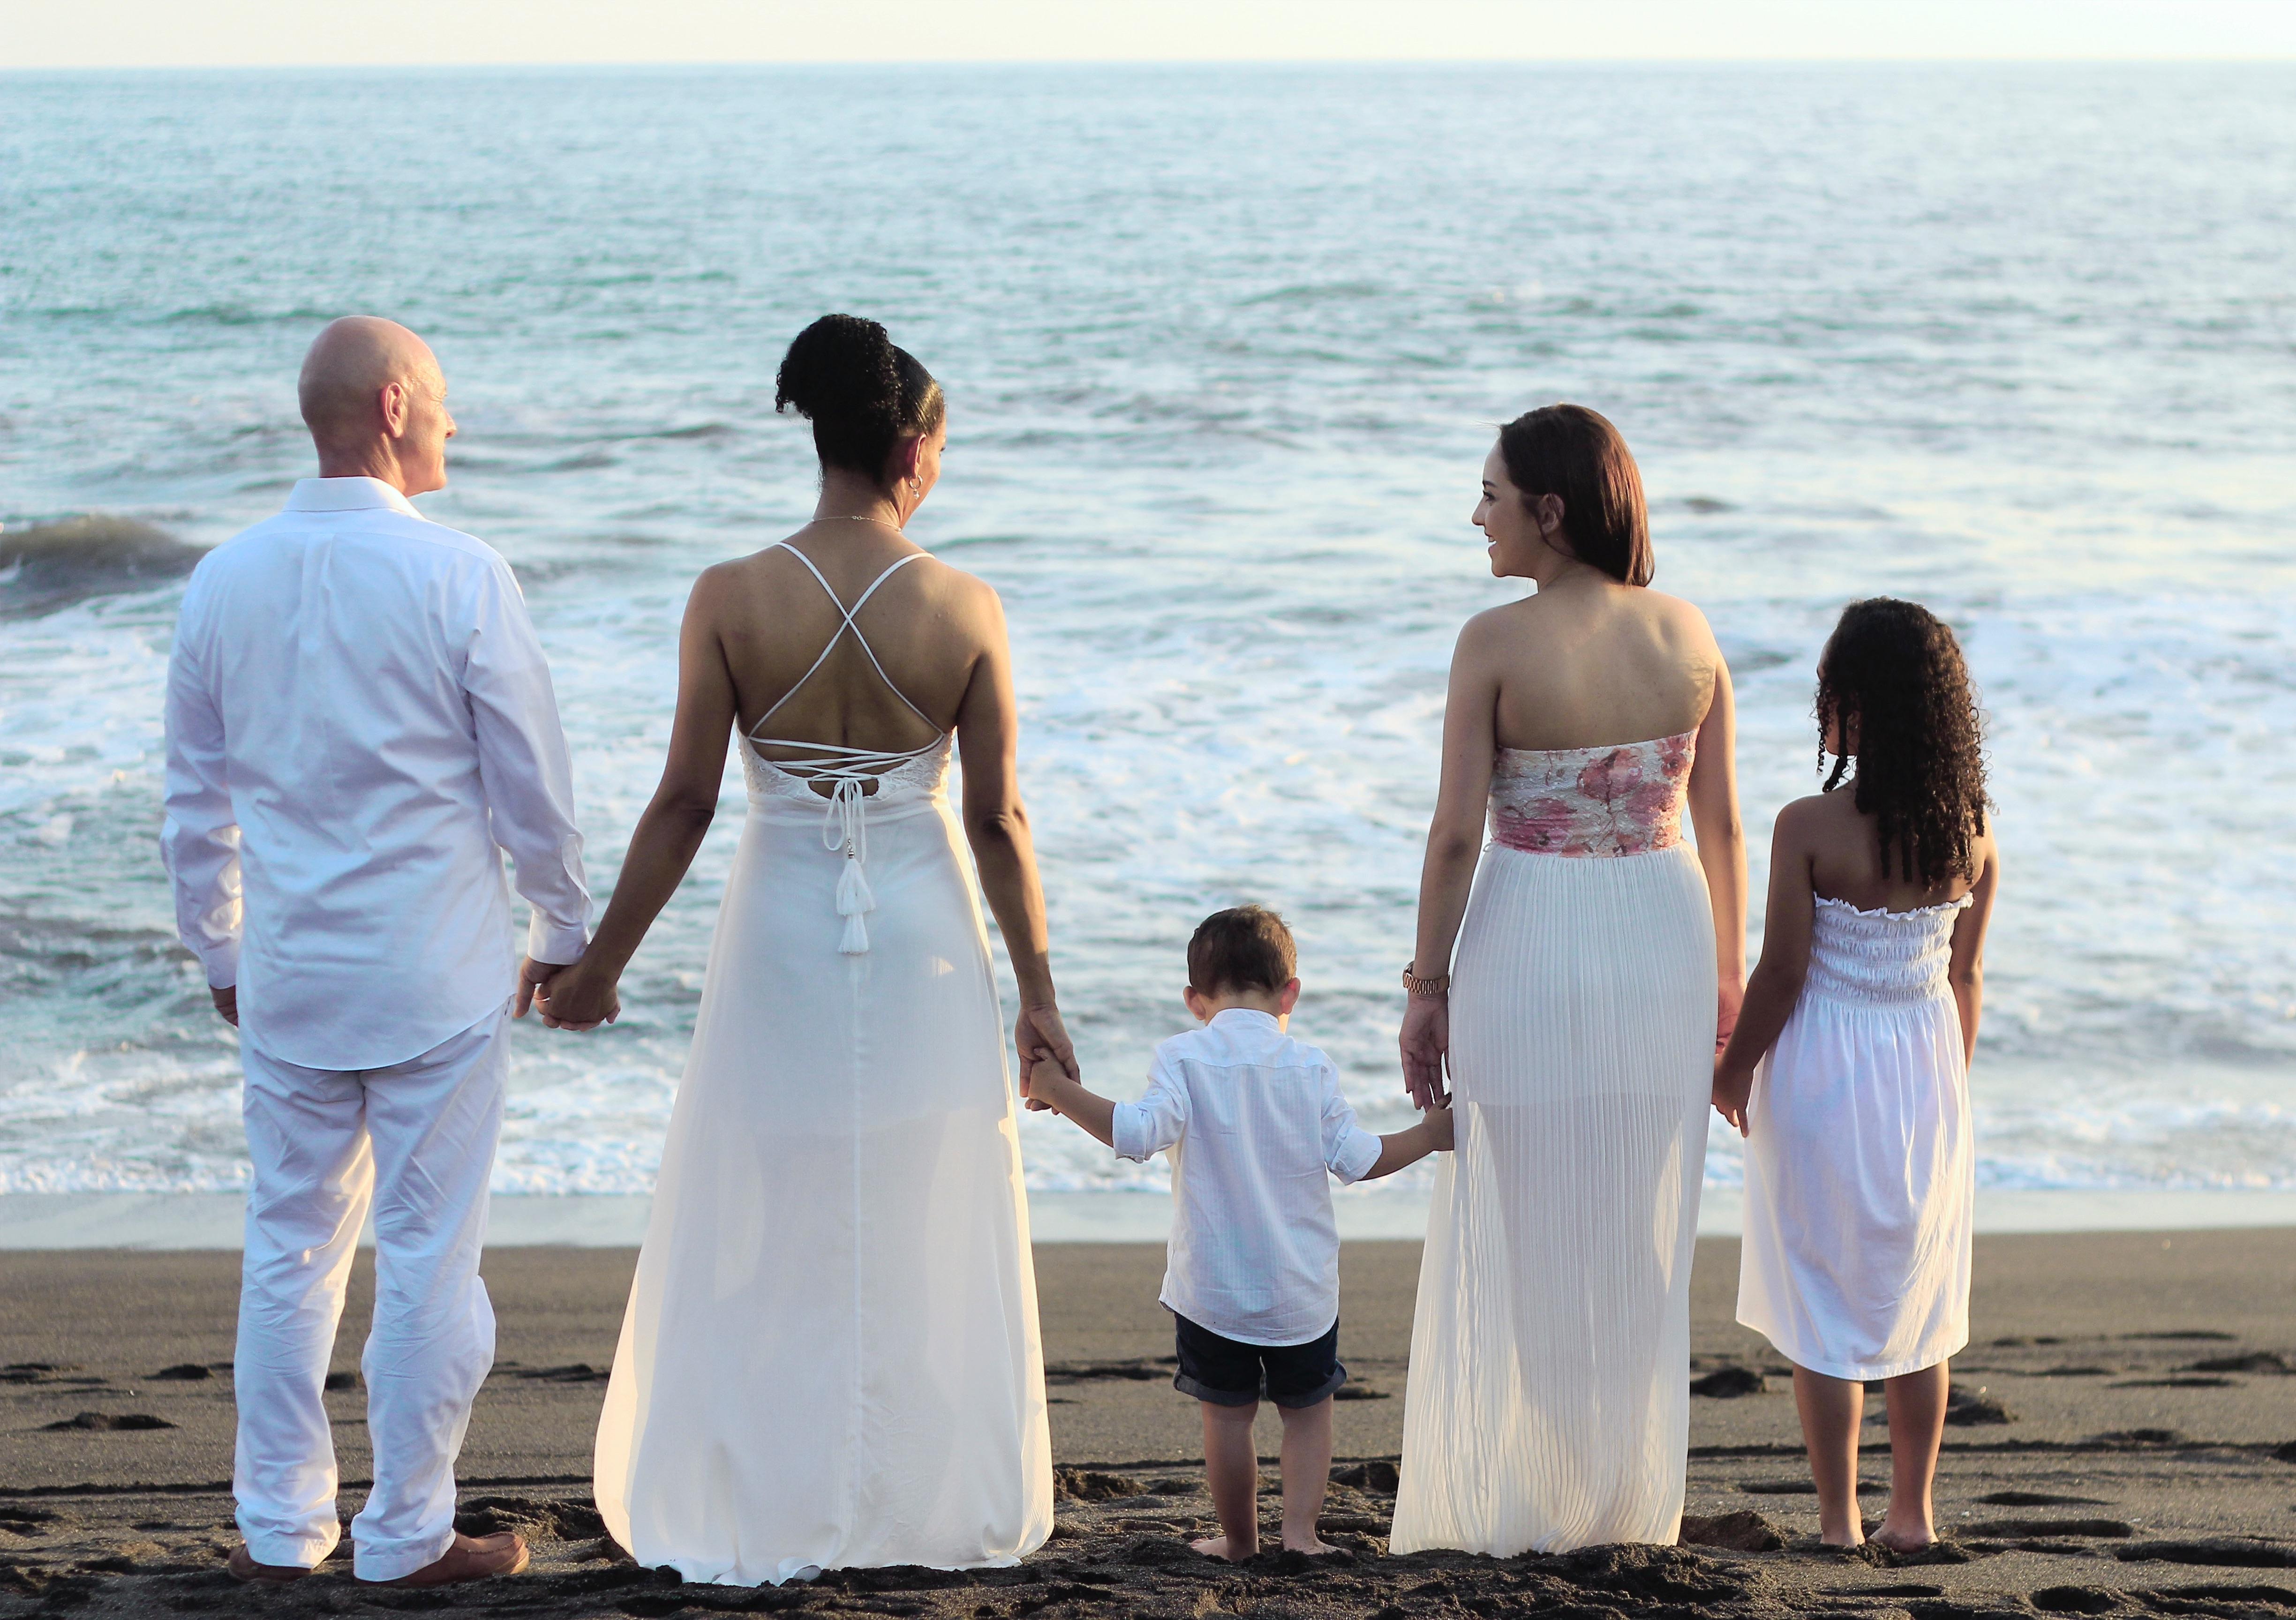 Fotos gratis : hombre, mujer, romance, Boda, vestido de novia, novio ...